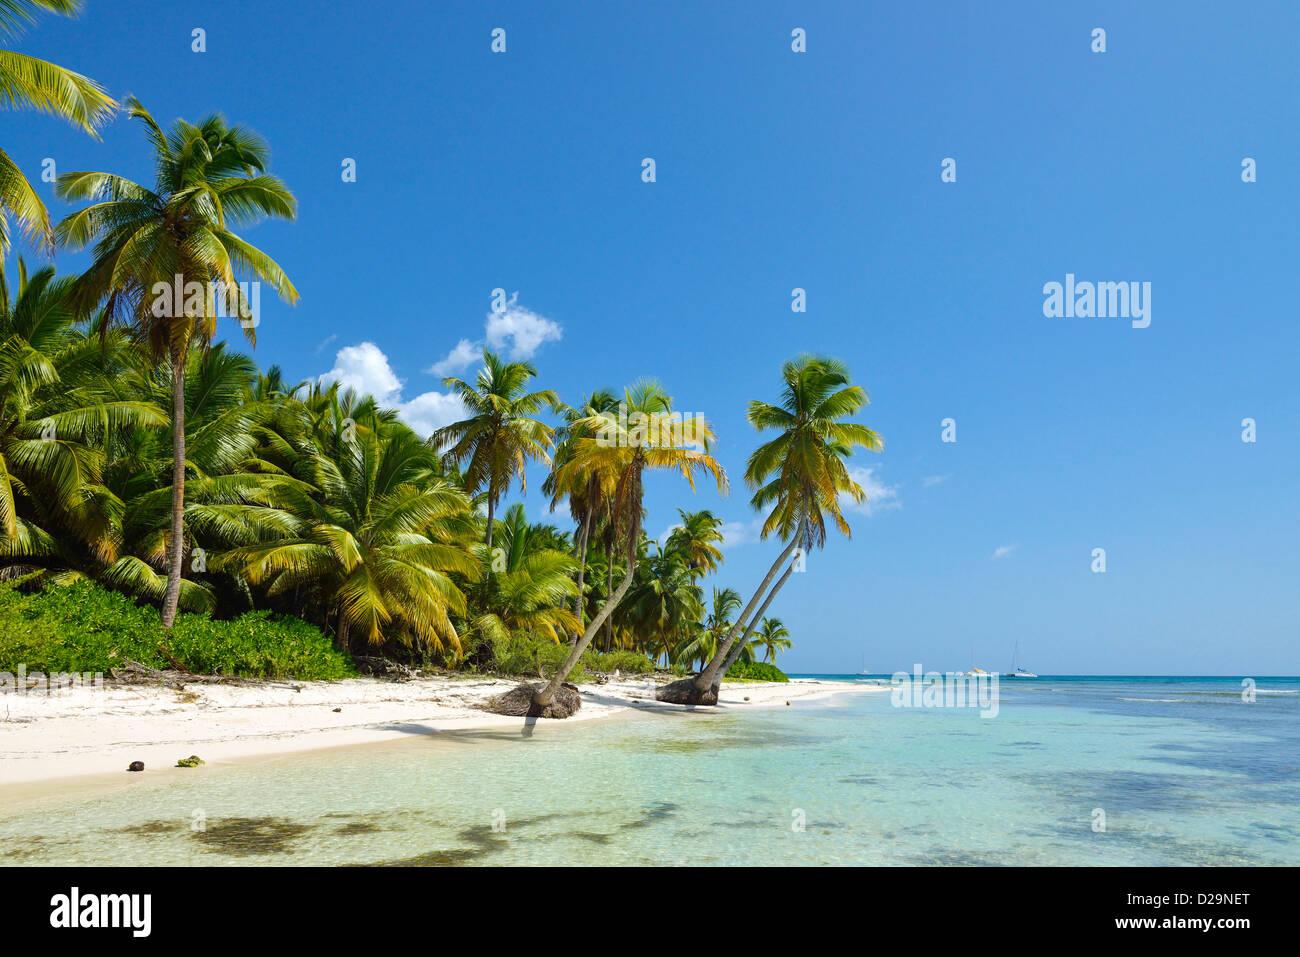 La Isla Saona, República Dominicana, El Caribe Imagen De Stock